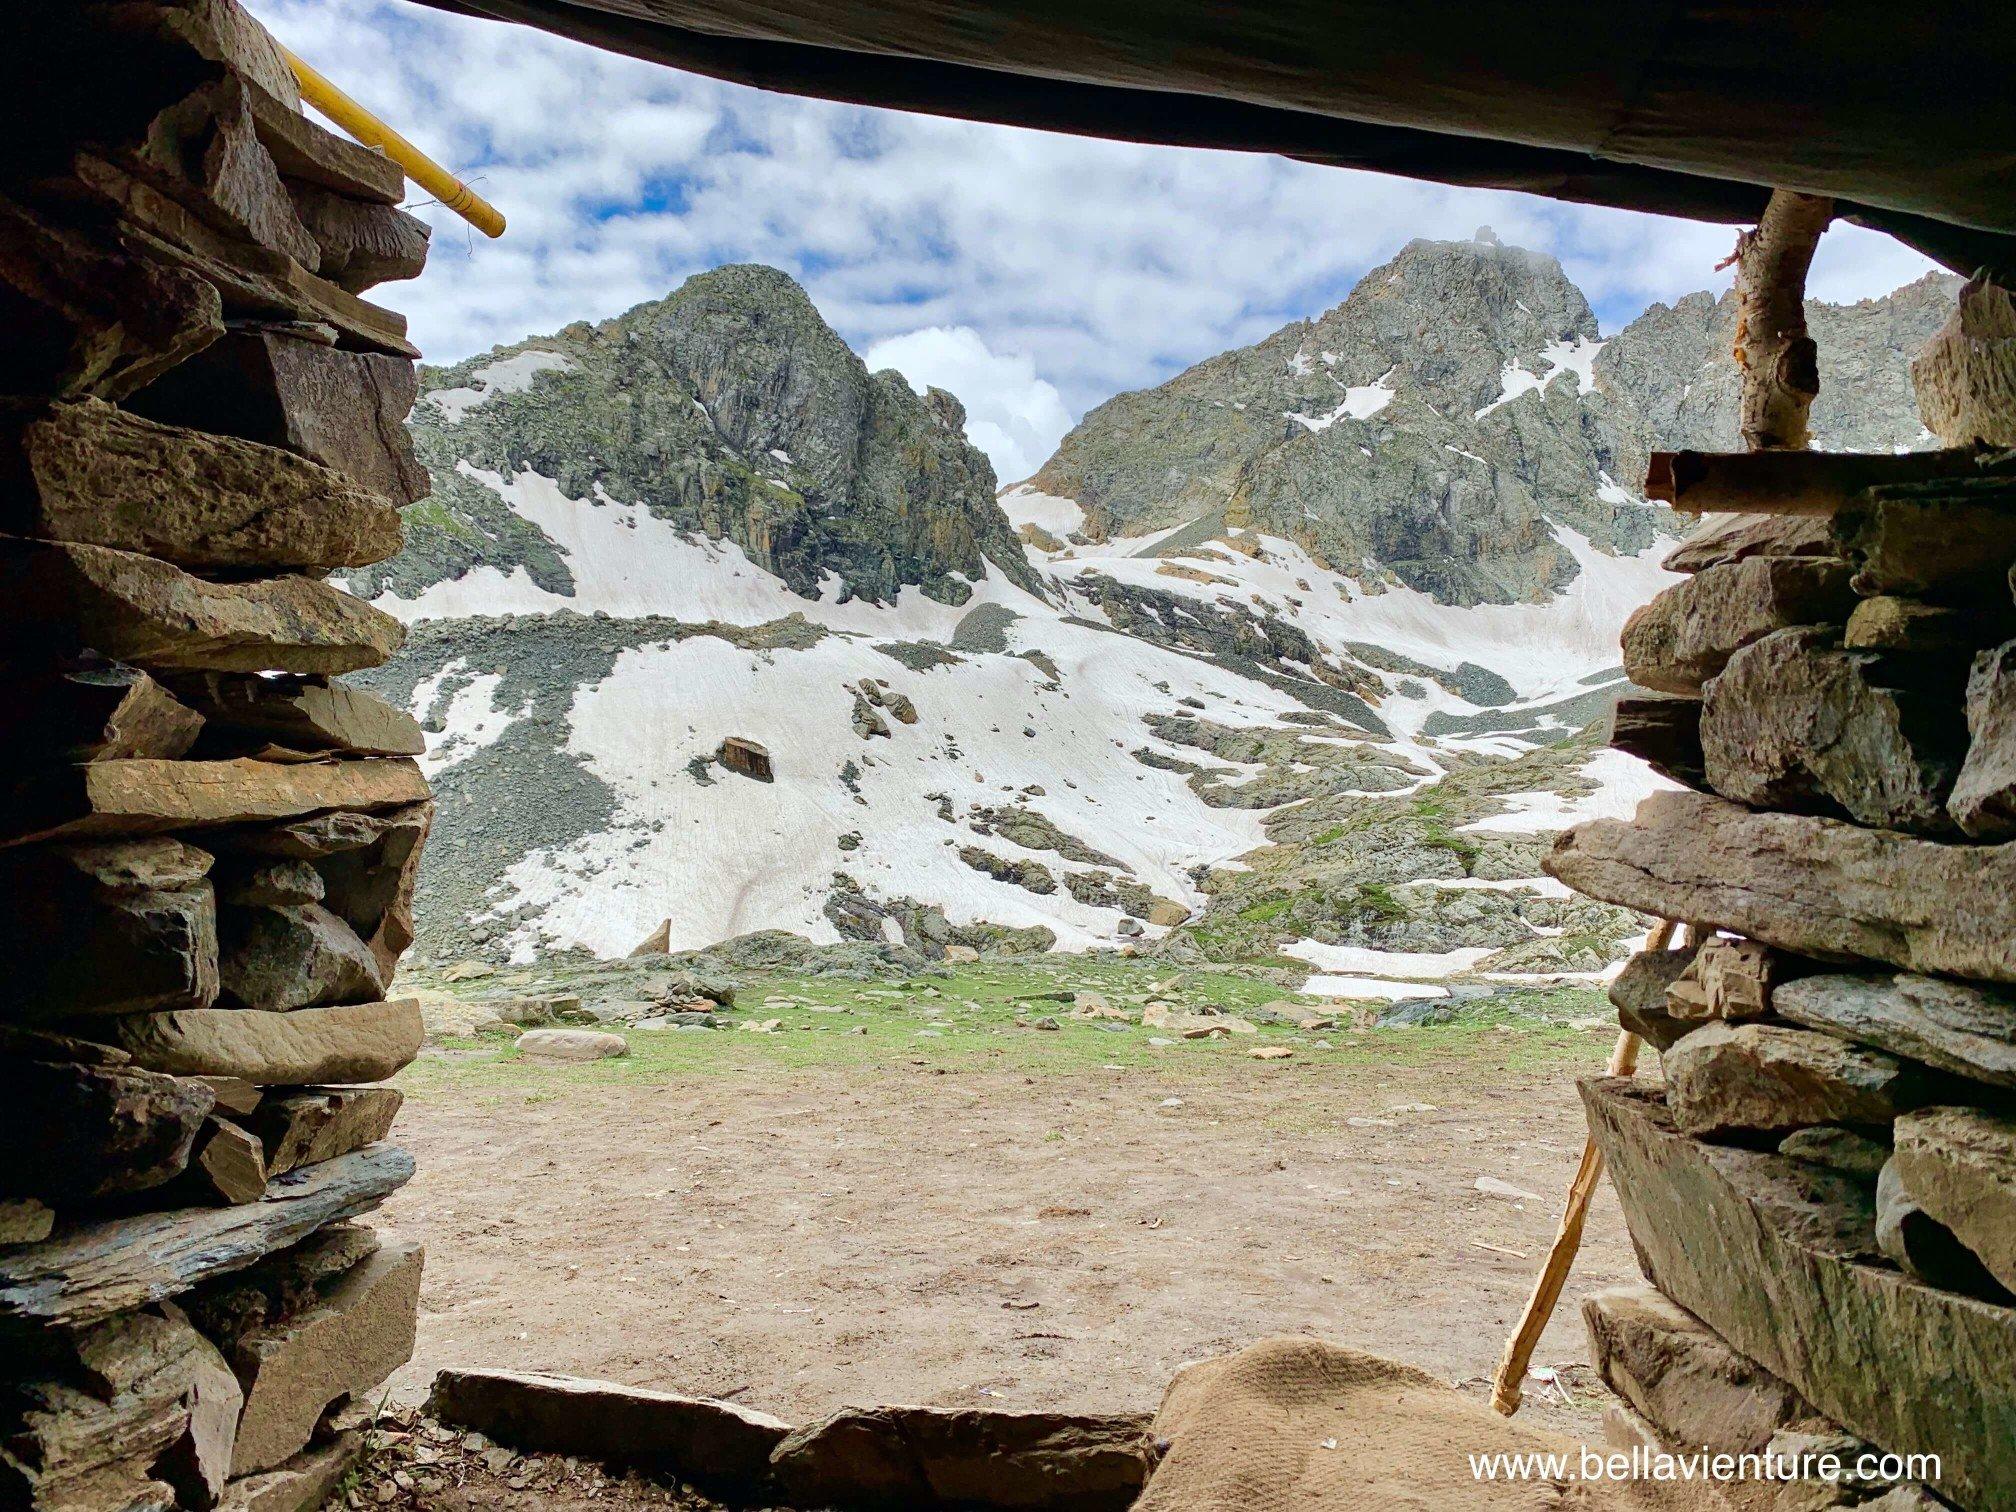 印度 India 北北印 North India 喀什米爾  Kashmir 八天七夜 健行 休息站